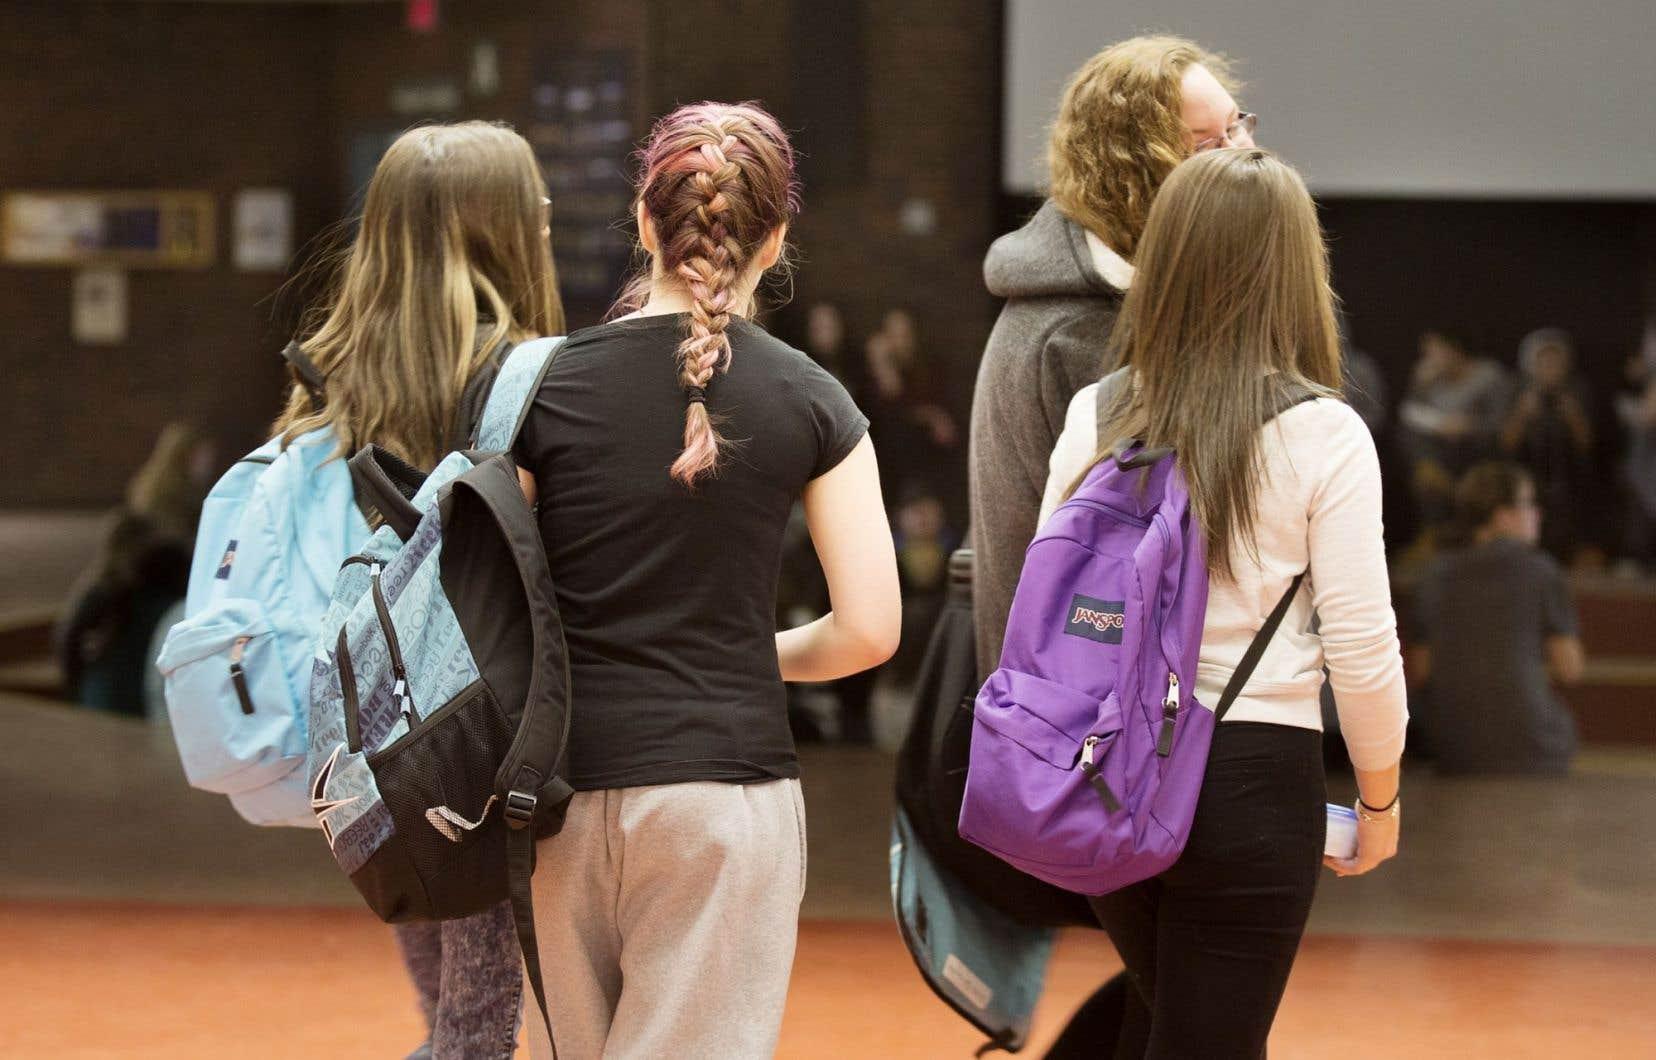 Les écoles privées ont généralement de meilleurs résultats que les écoles publiques car elles sélectionnent leurs élèves.